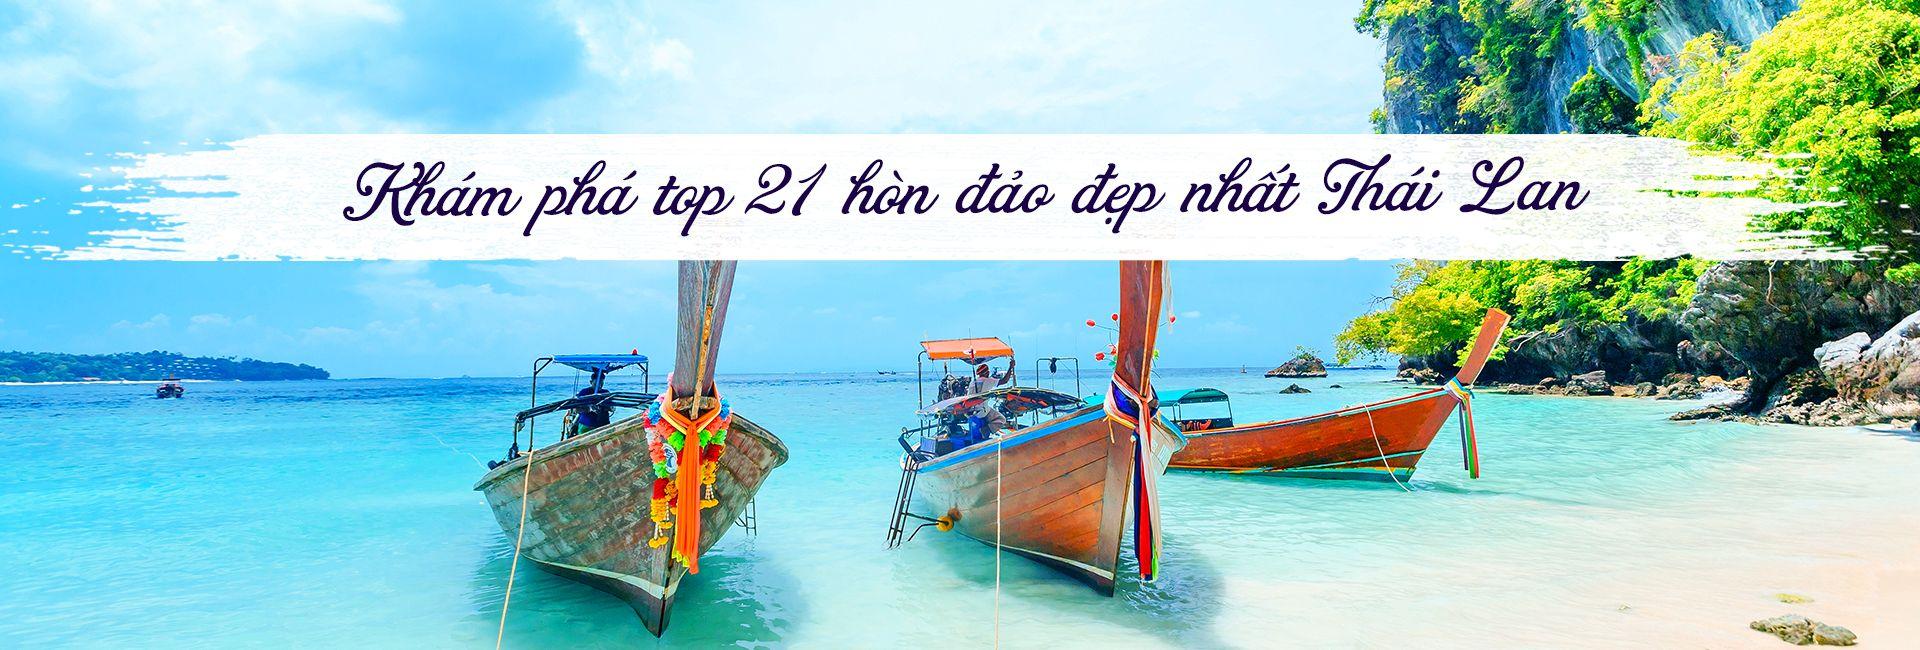 Top 21 hòn đảo đẹp và ấn tượng nhất tại Thái Lan